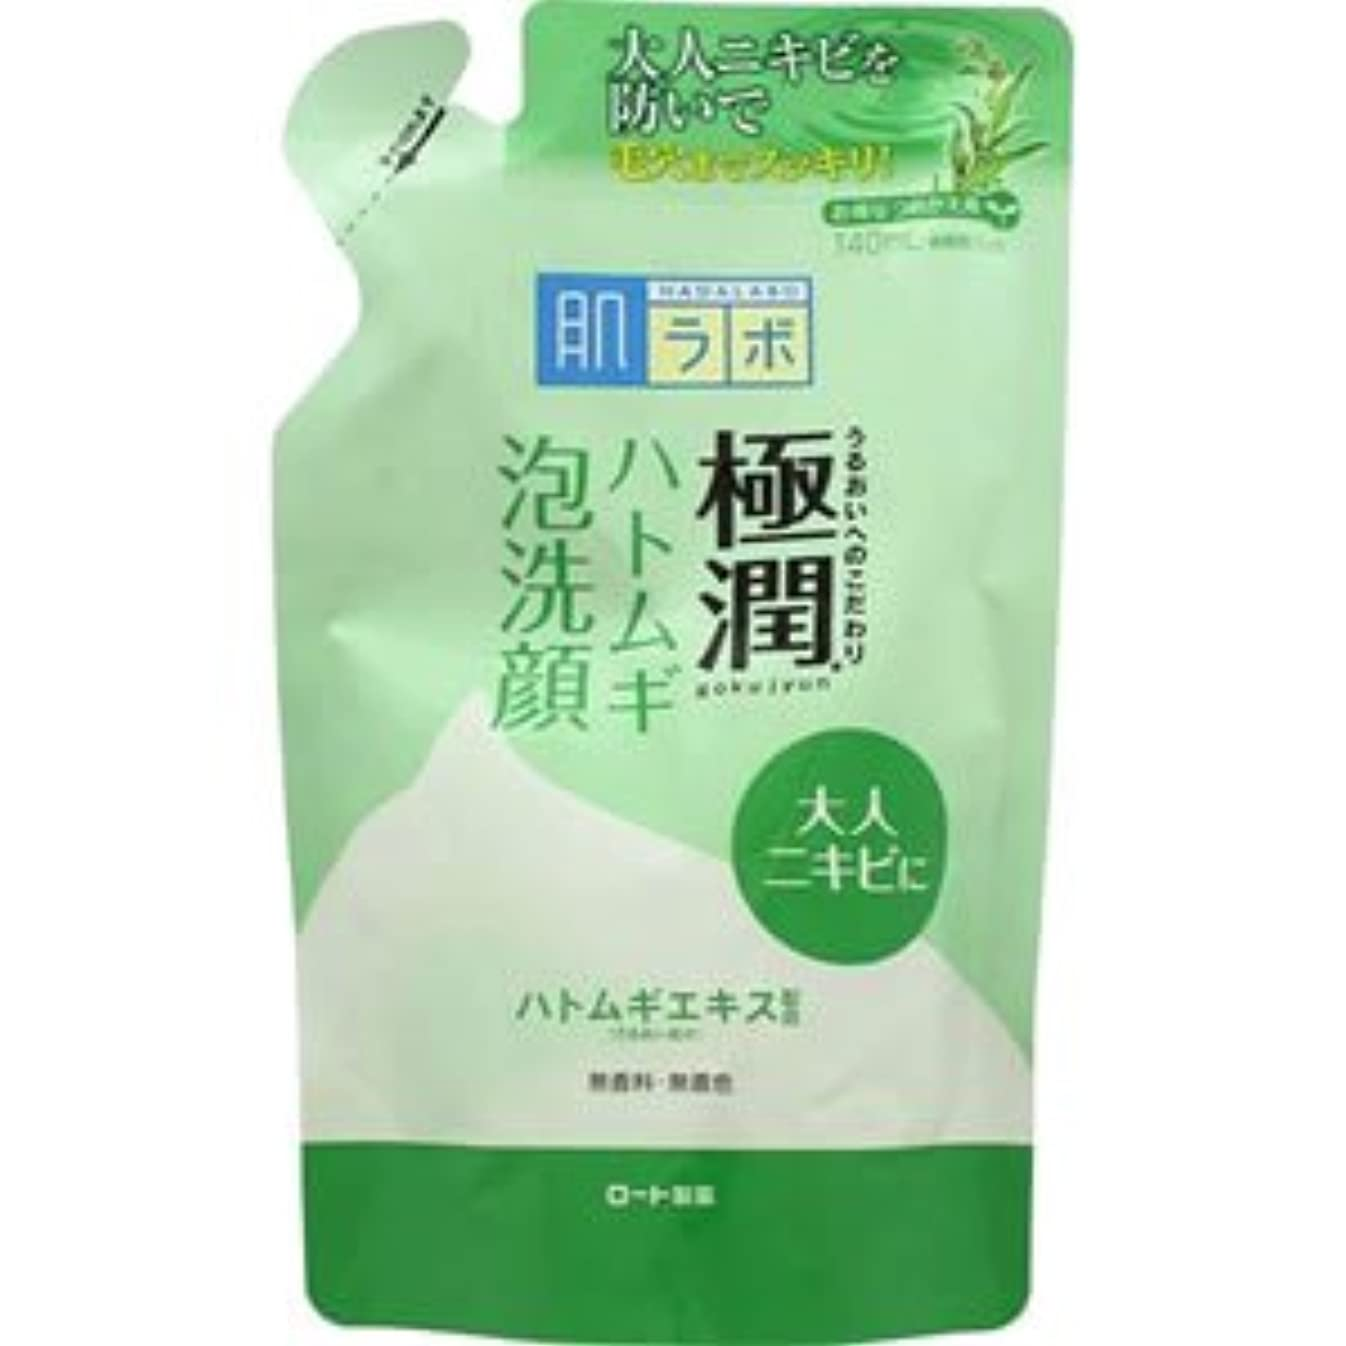 銀河帰する防腐剤(ロート製薬)肌研 極潤ハトムギ泡洗顔 140ml(つめかえ用)(お買い得3個セット)